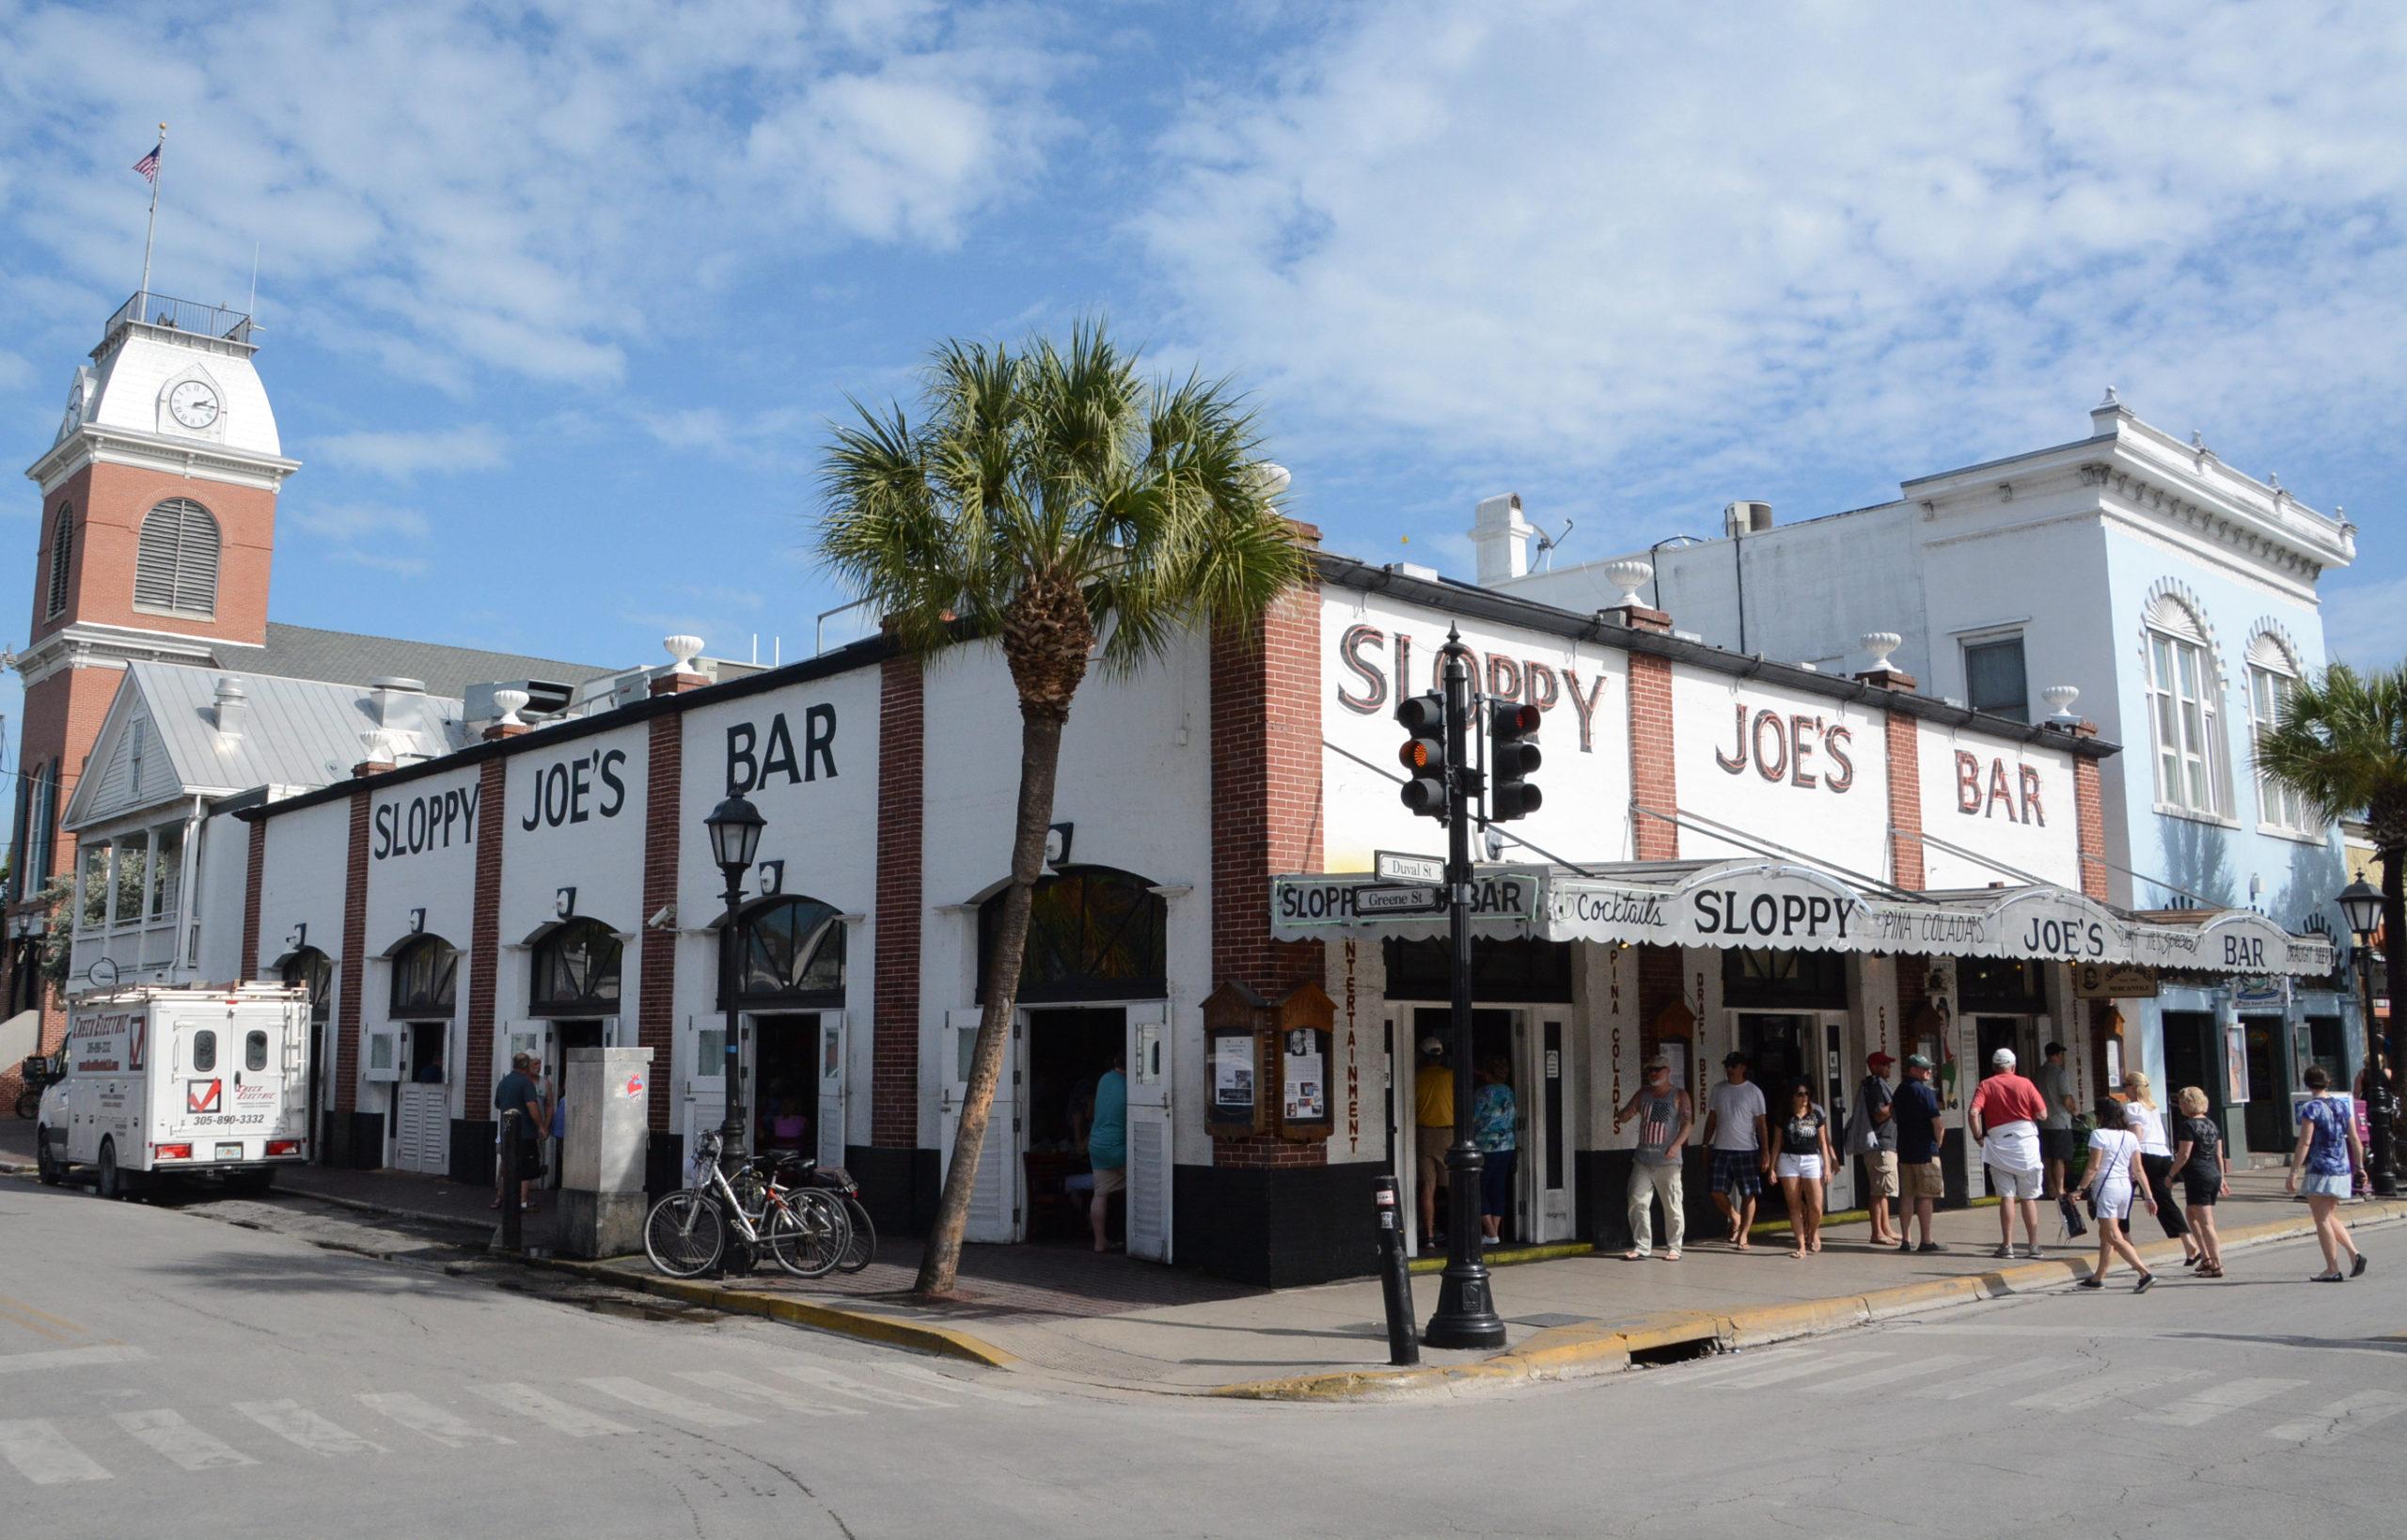 Sloppy Joe's ist angeblich Ernest Hemingway's Liebglingskneipe auf Key West, die heutige Version aber hat nichts mit dem Original zu tun